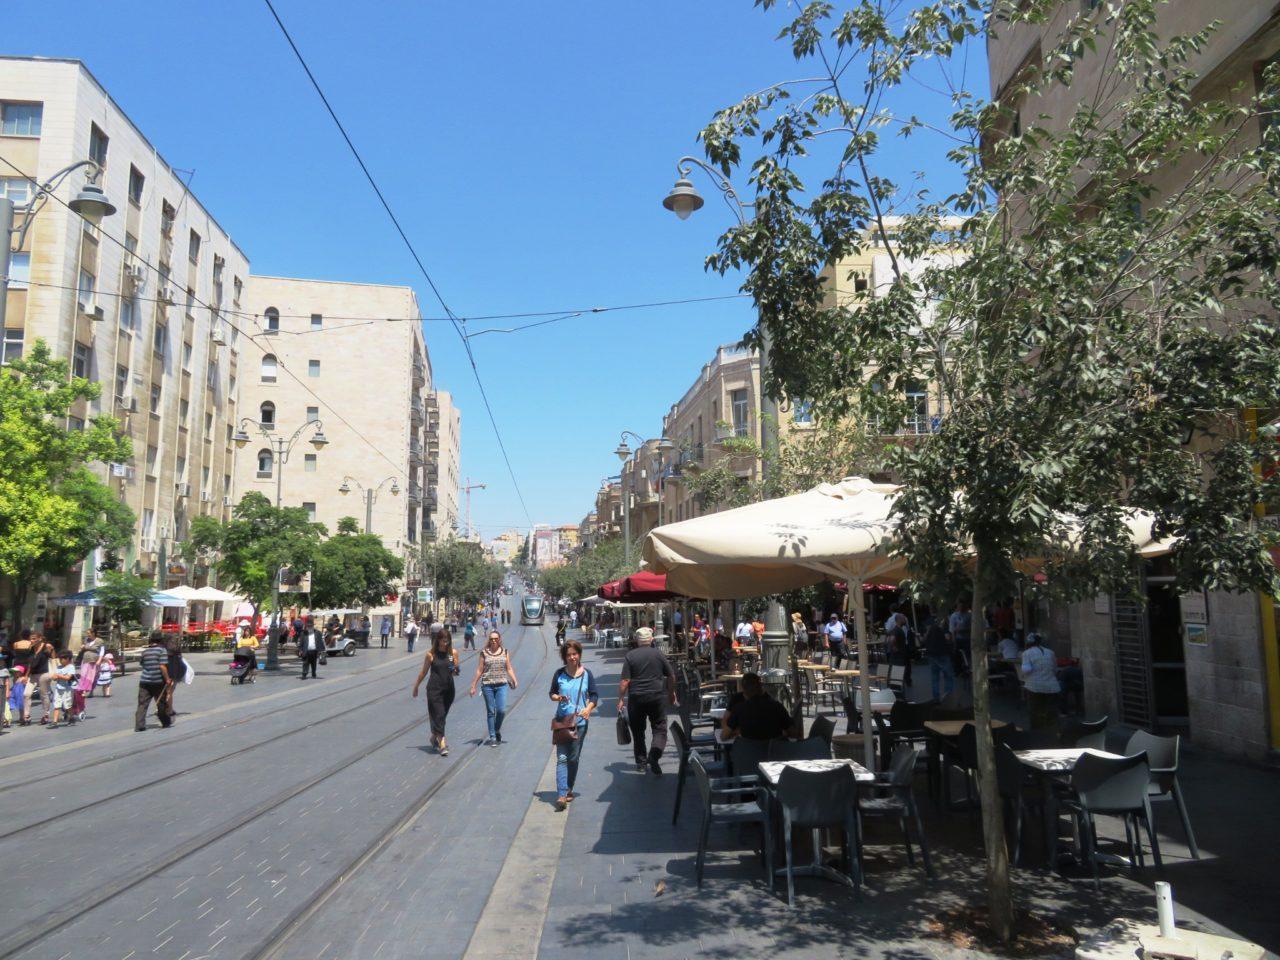 The joys of walking Jerusalem - Jaffa Street in downtown Jerusalem